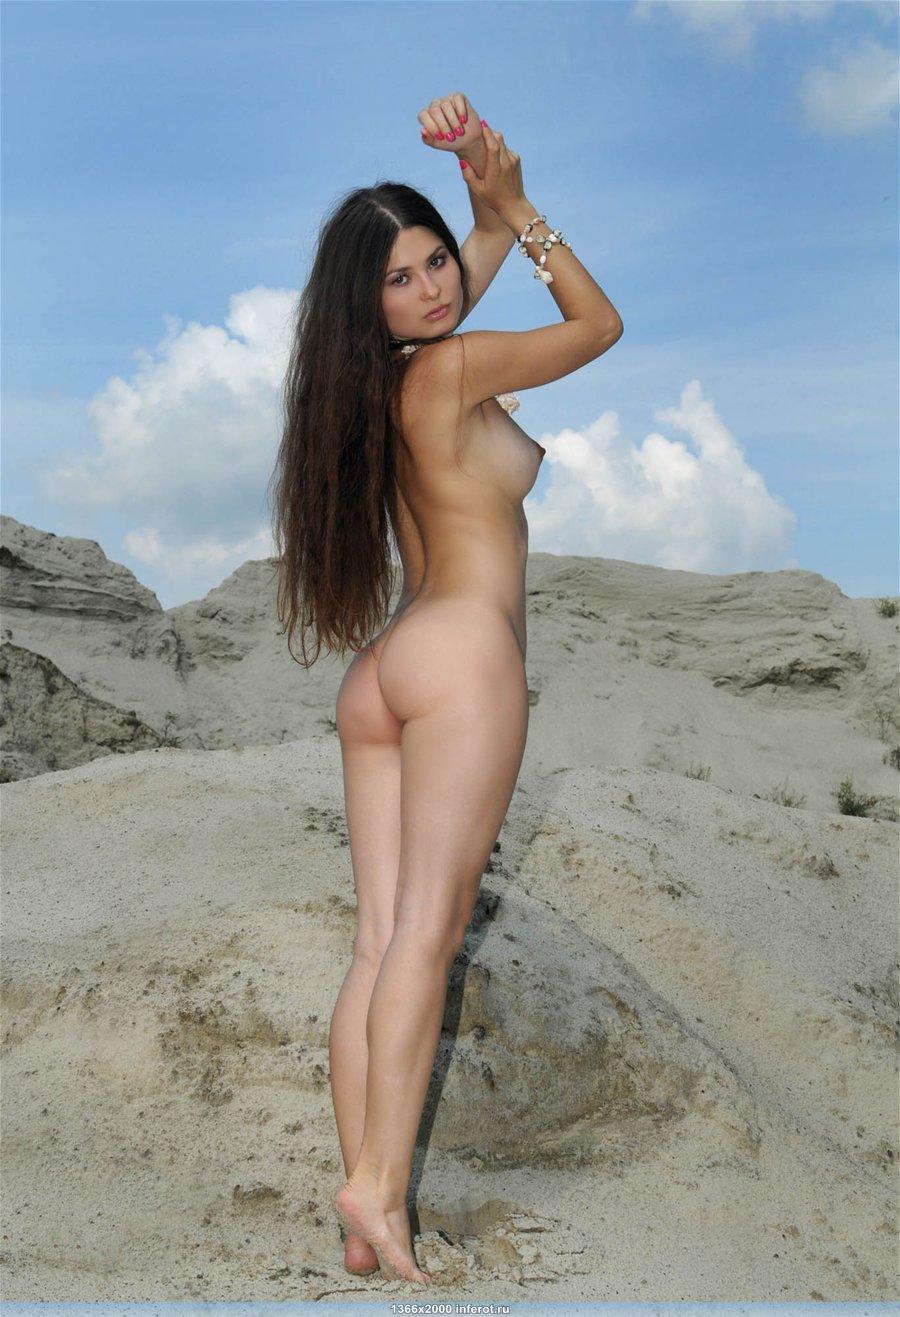 Лучшая эротика девушки с длинными волосами (20 фото)